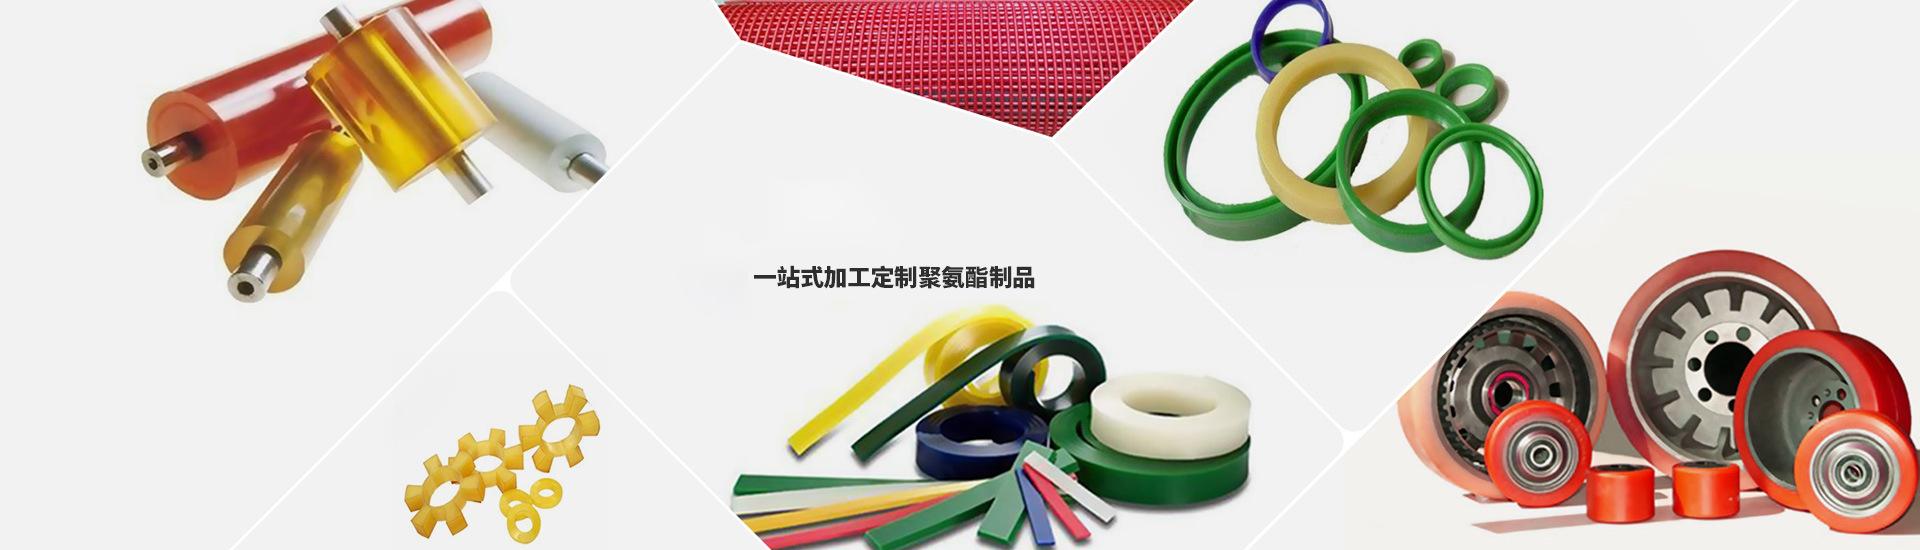 宝瑞橡塑制品有限公司